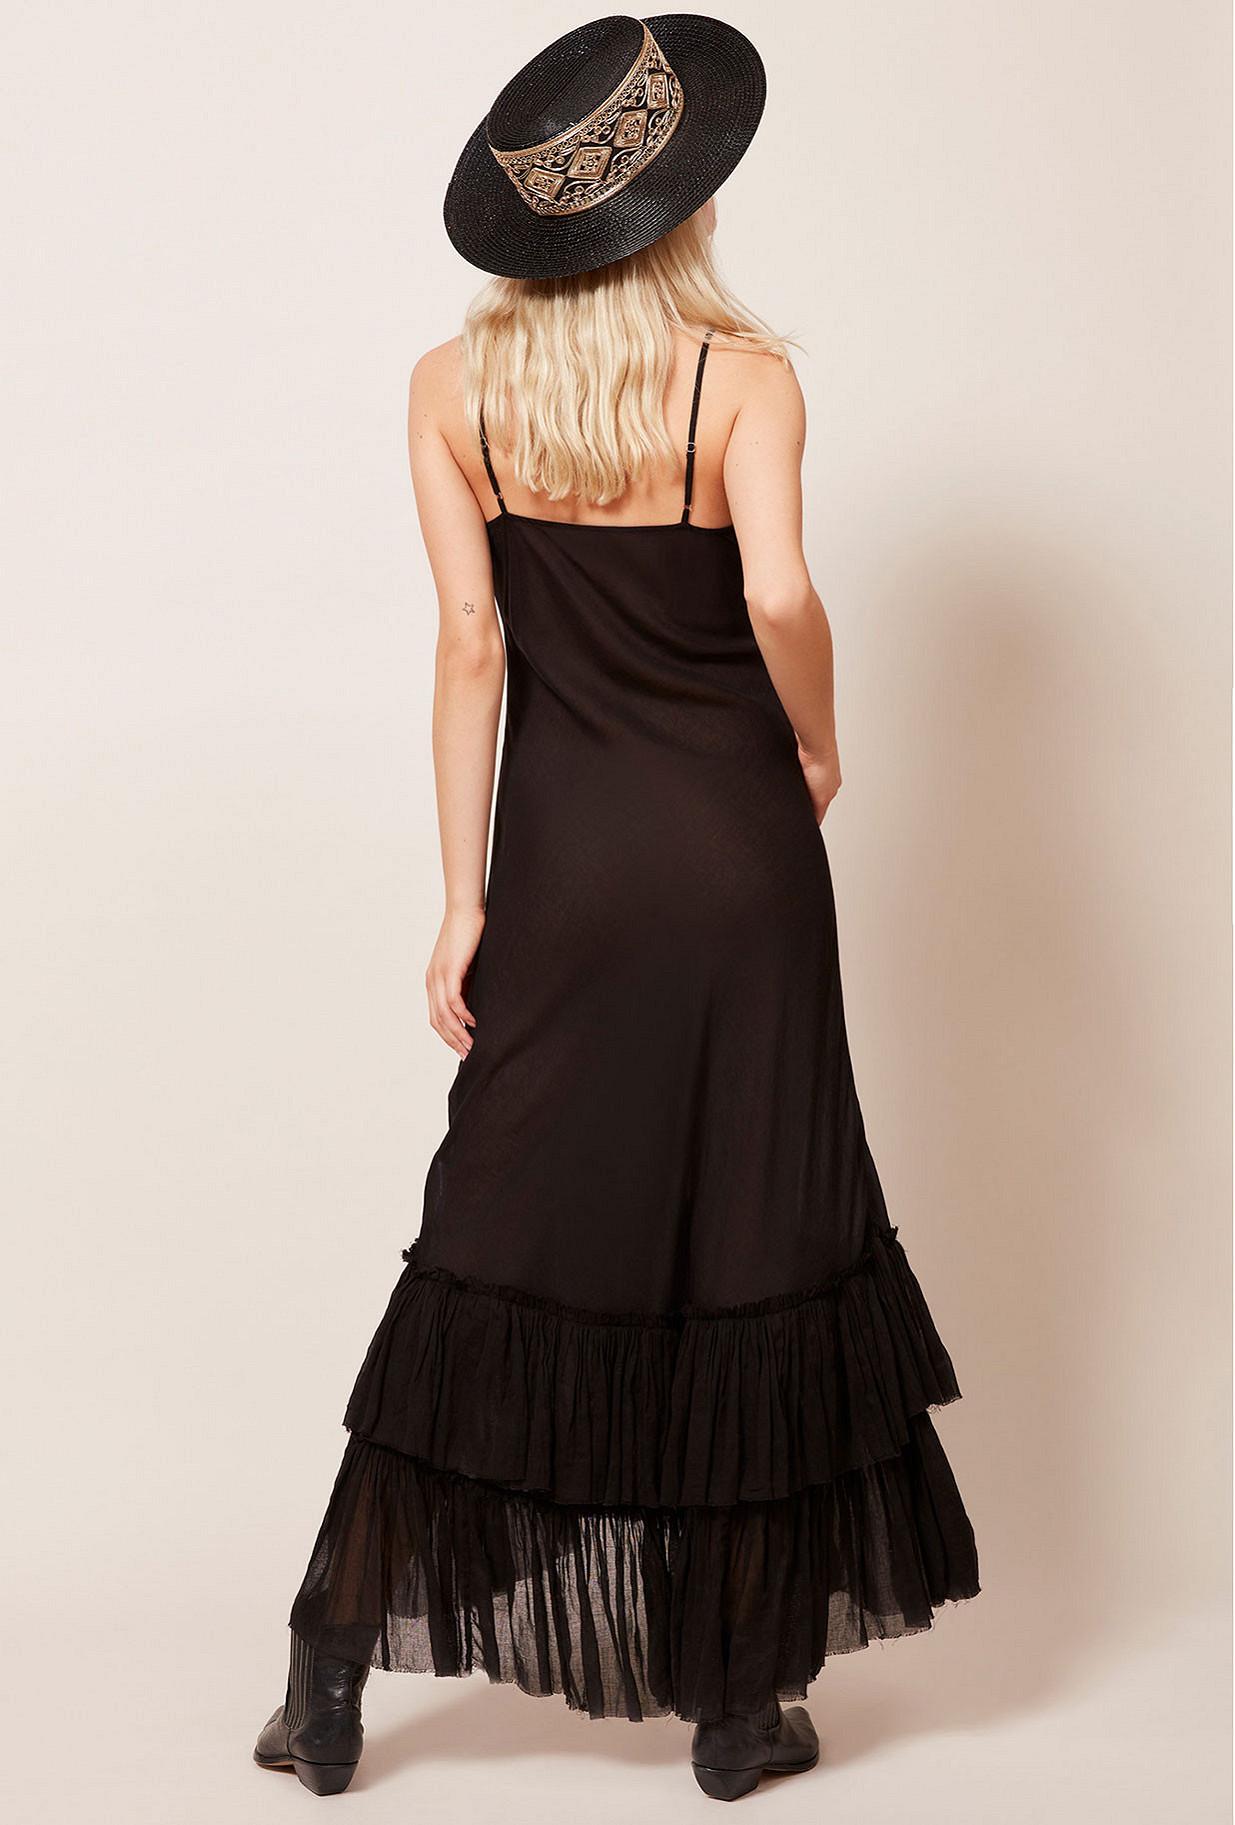 Robe Noir  Offenbach mes demoiselles paris vêtement femme paris